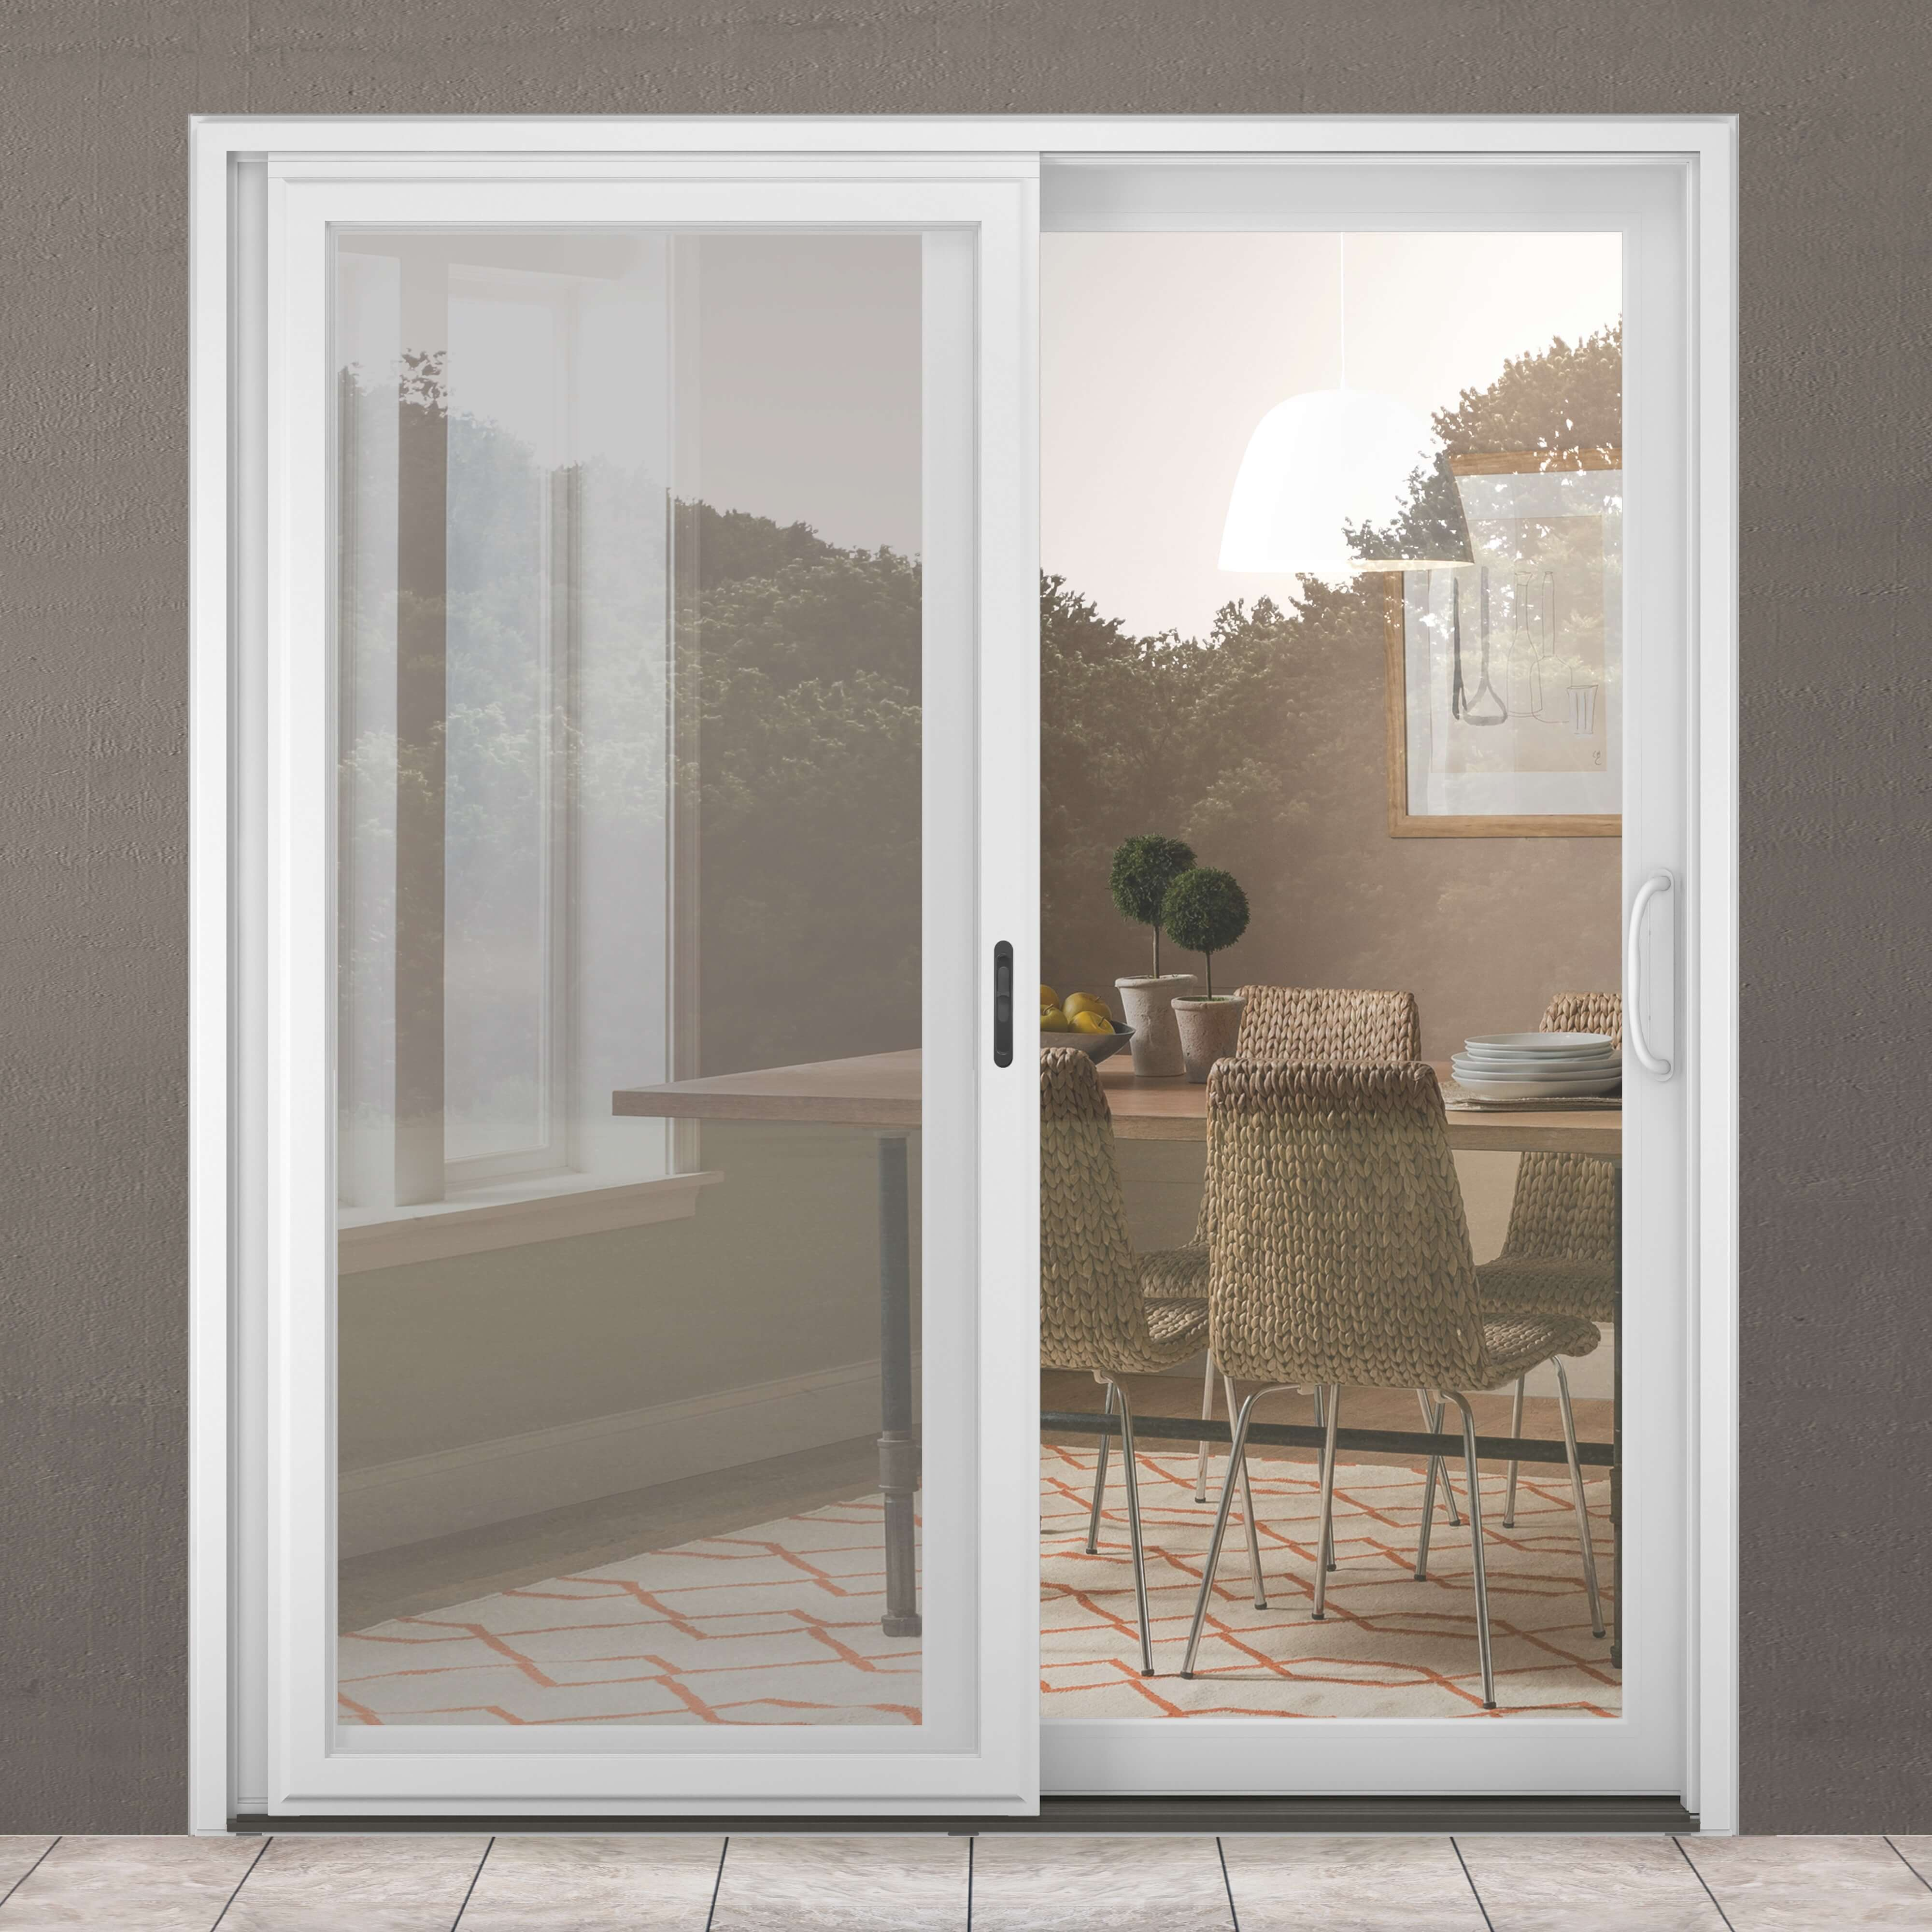 inovo exterior door design screen open